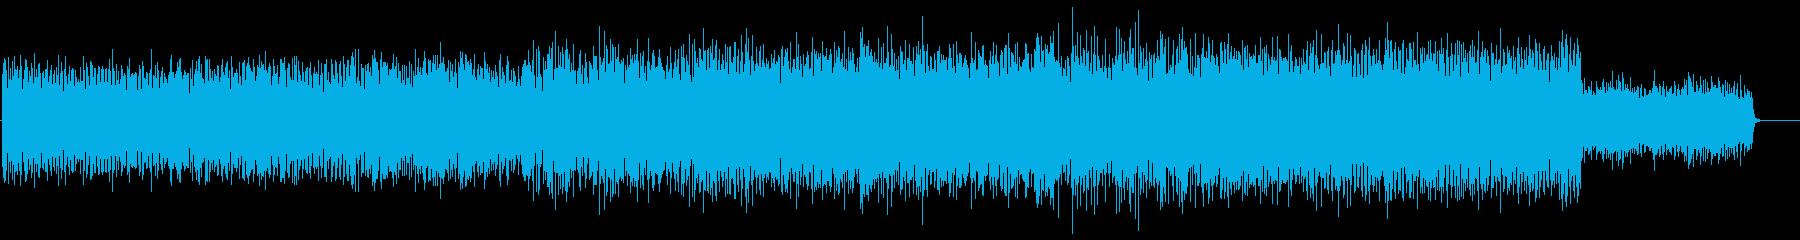 ドキュメンタリー系 渓谷探訪サウンドの再生済みの波形